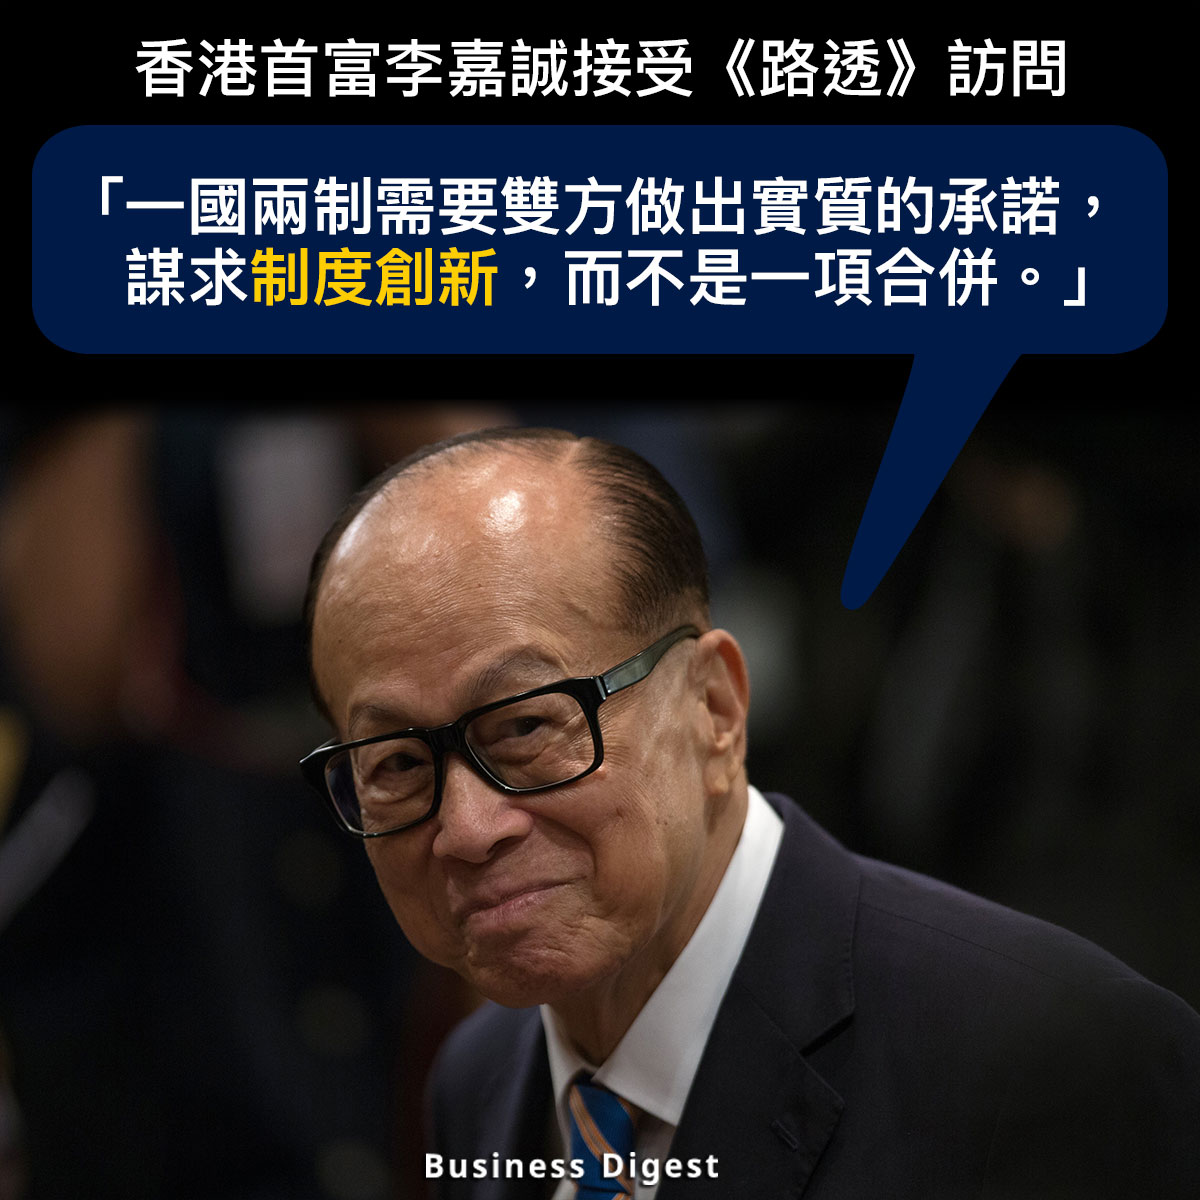 【商業熱話】李嘉誠:「一國兩制需要雙方做出實質的承諾,謀求制度創新,而不是一項合併。」